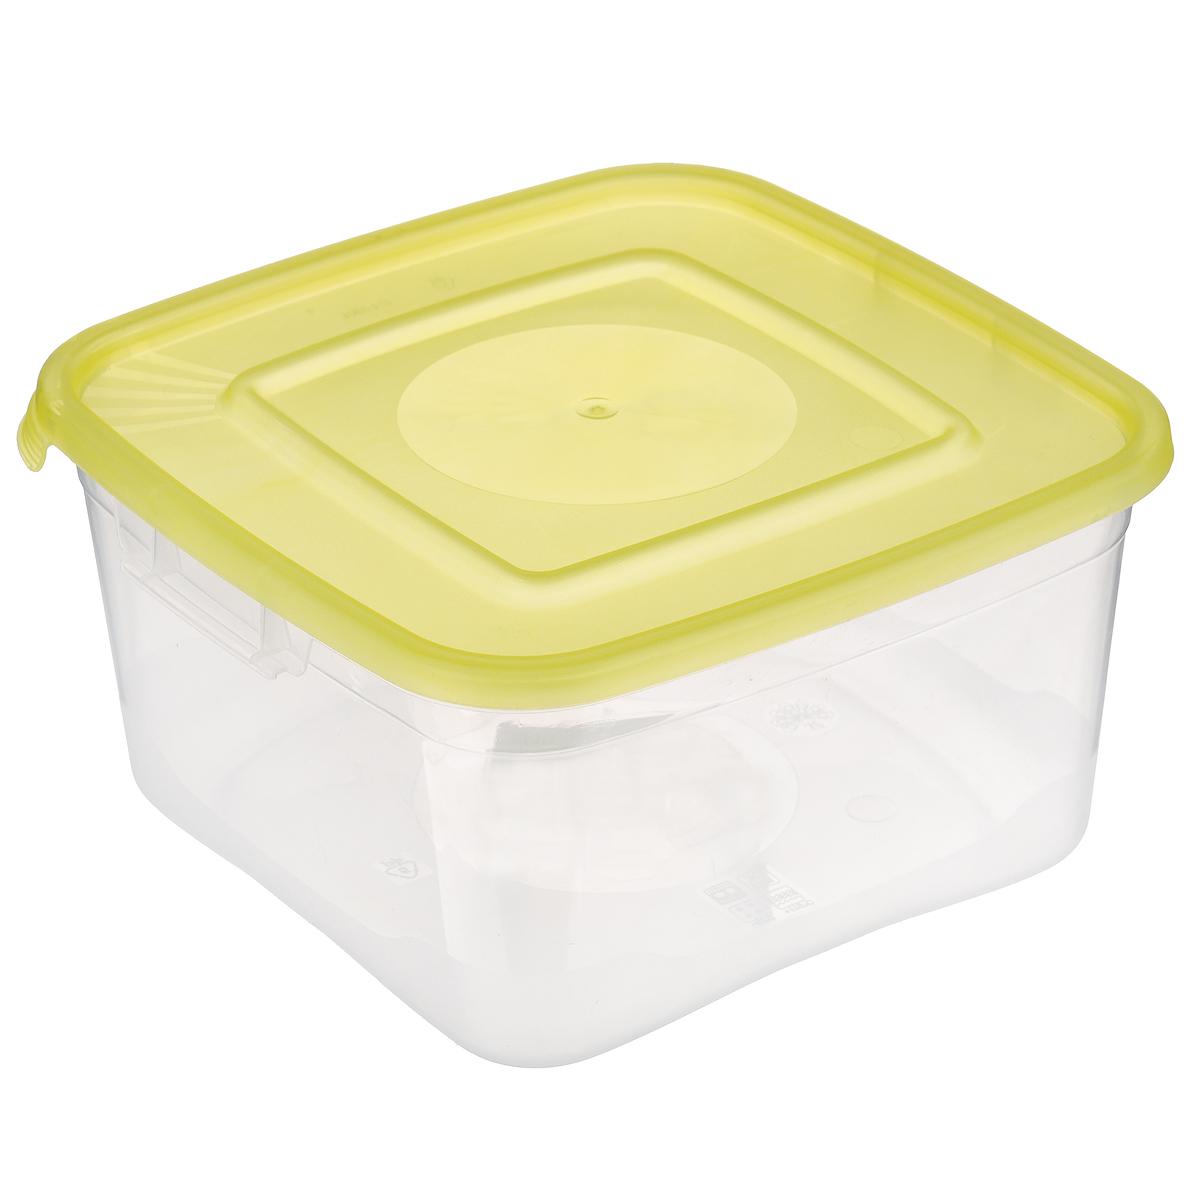 Контейнер Полимербыт Каскад, цвет: прозрачный, желтый, 1 лFD 992Контейнер Полимербыт Каскад квадратной формы, изготовленный из прочного пластика, предназначен специально для хранения пищевых продуктов. Крышка легко открывается и плотно закрывается.Контейнер устойчив к воздействию масел и жиров, легко моется. Прозрачные стенки позволяют видеть содержимое. Контейнер имеет возможность хранения продуктов глубокой заморозки, обладает высокой прочностью. Можно мыть в посудомоечной машине. Подходит для использования в микроволновых печах.